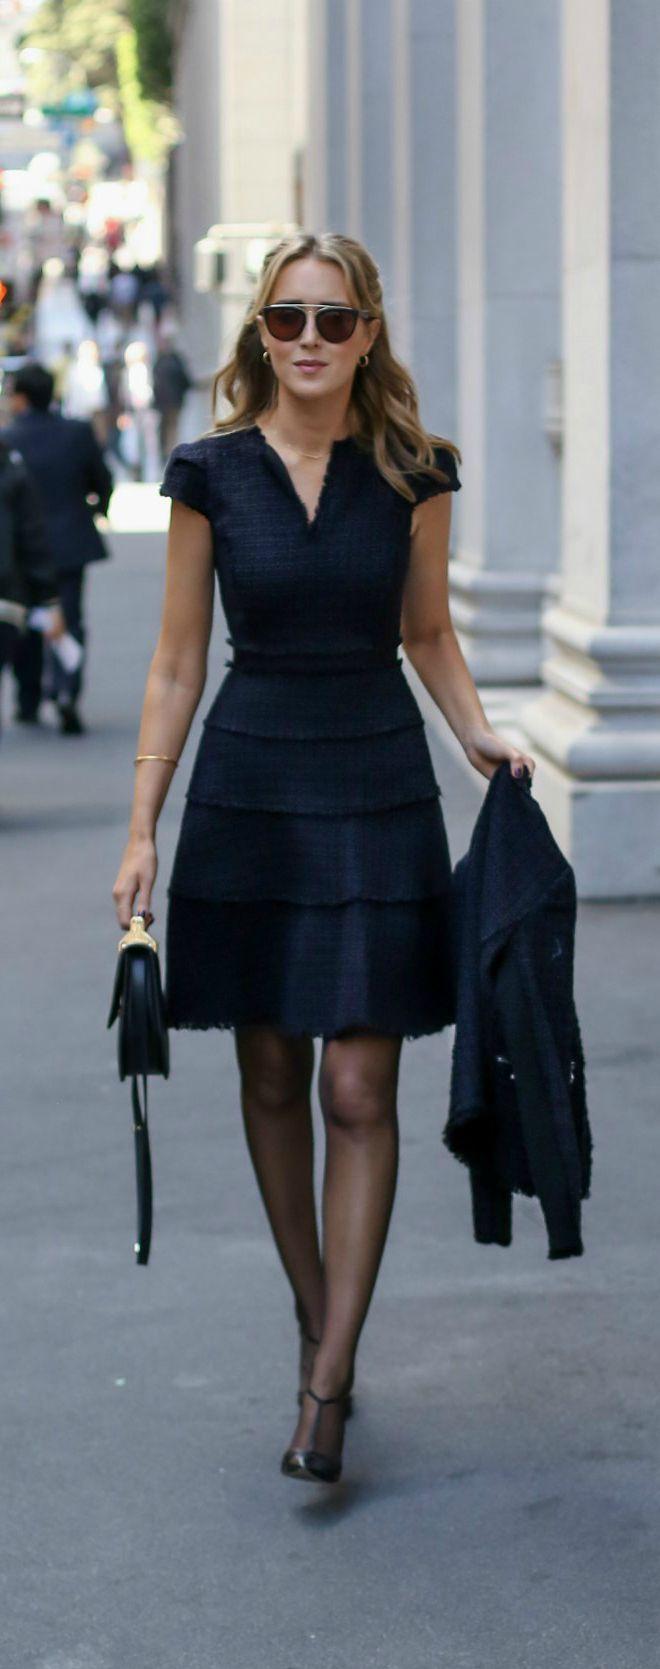 Best 20+ Business wear ideas on Pinterest | Business fashion ...